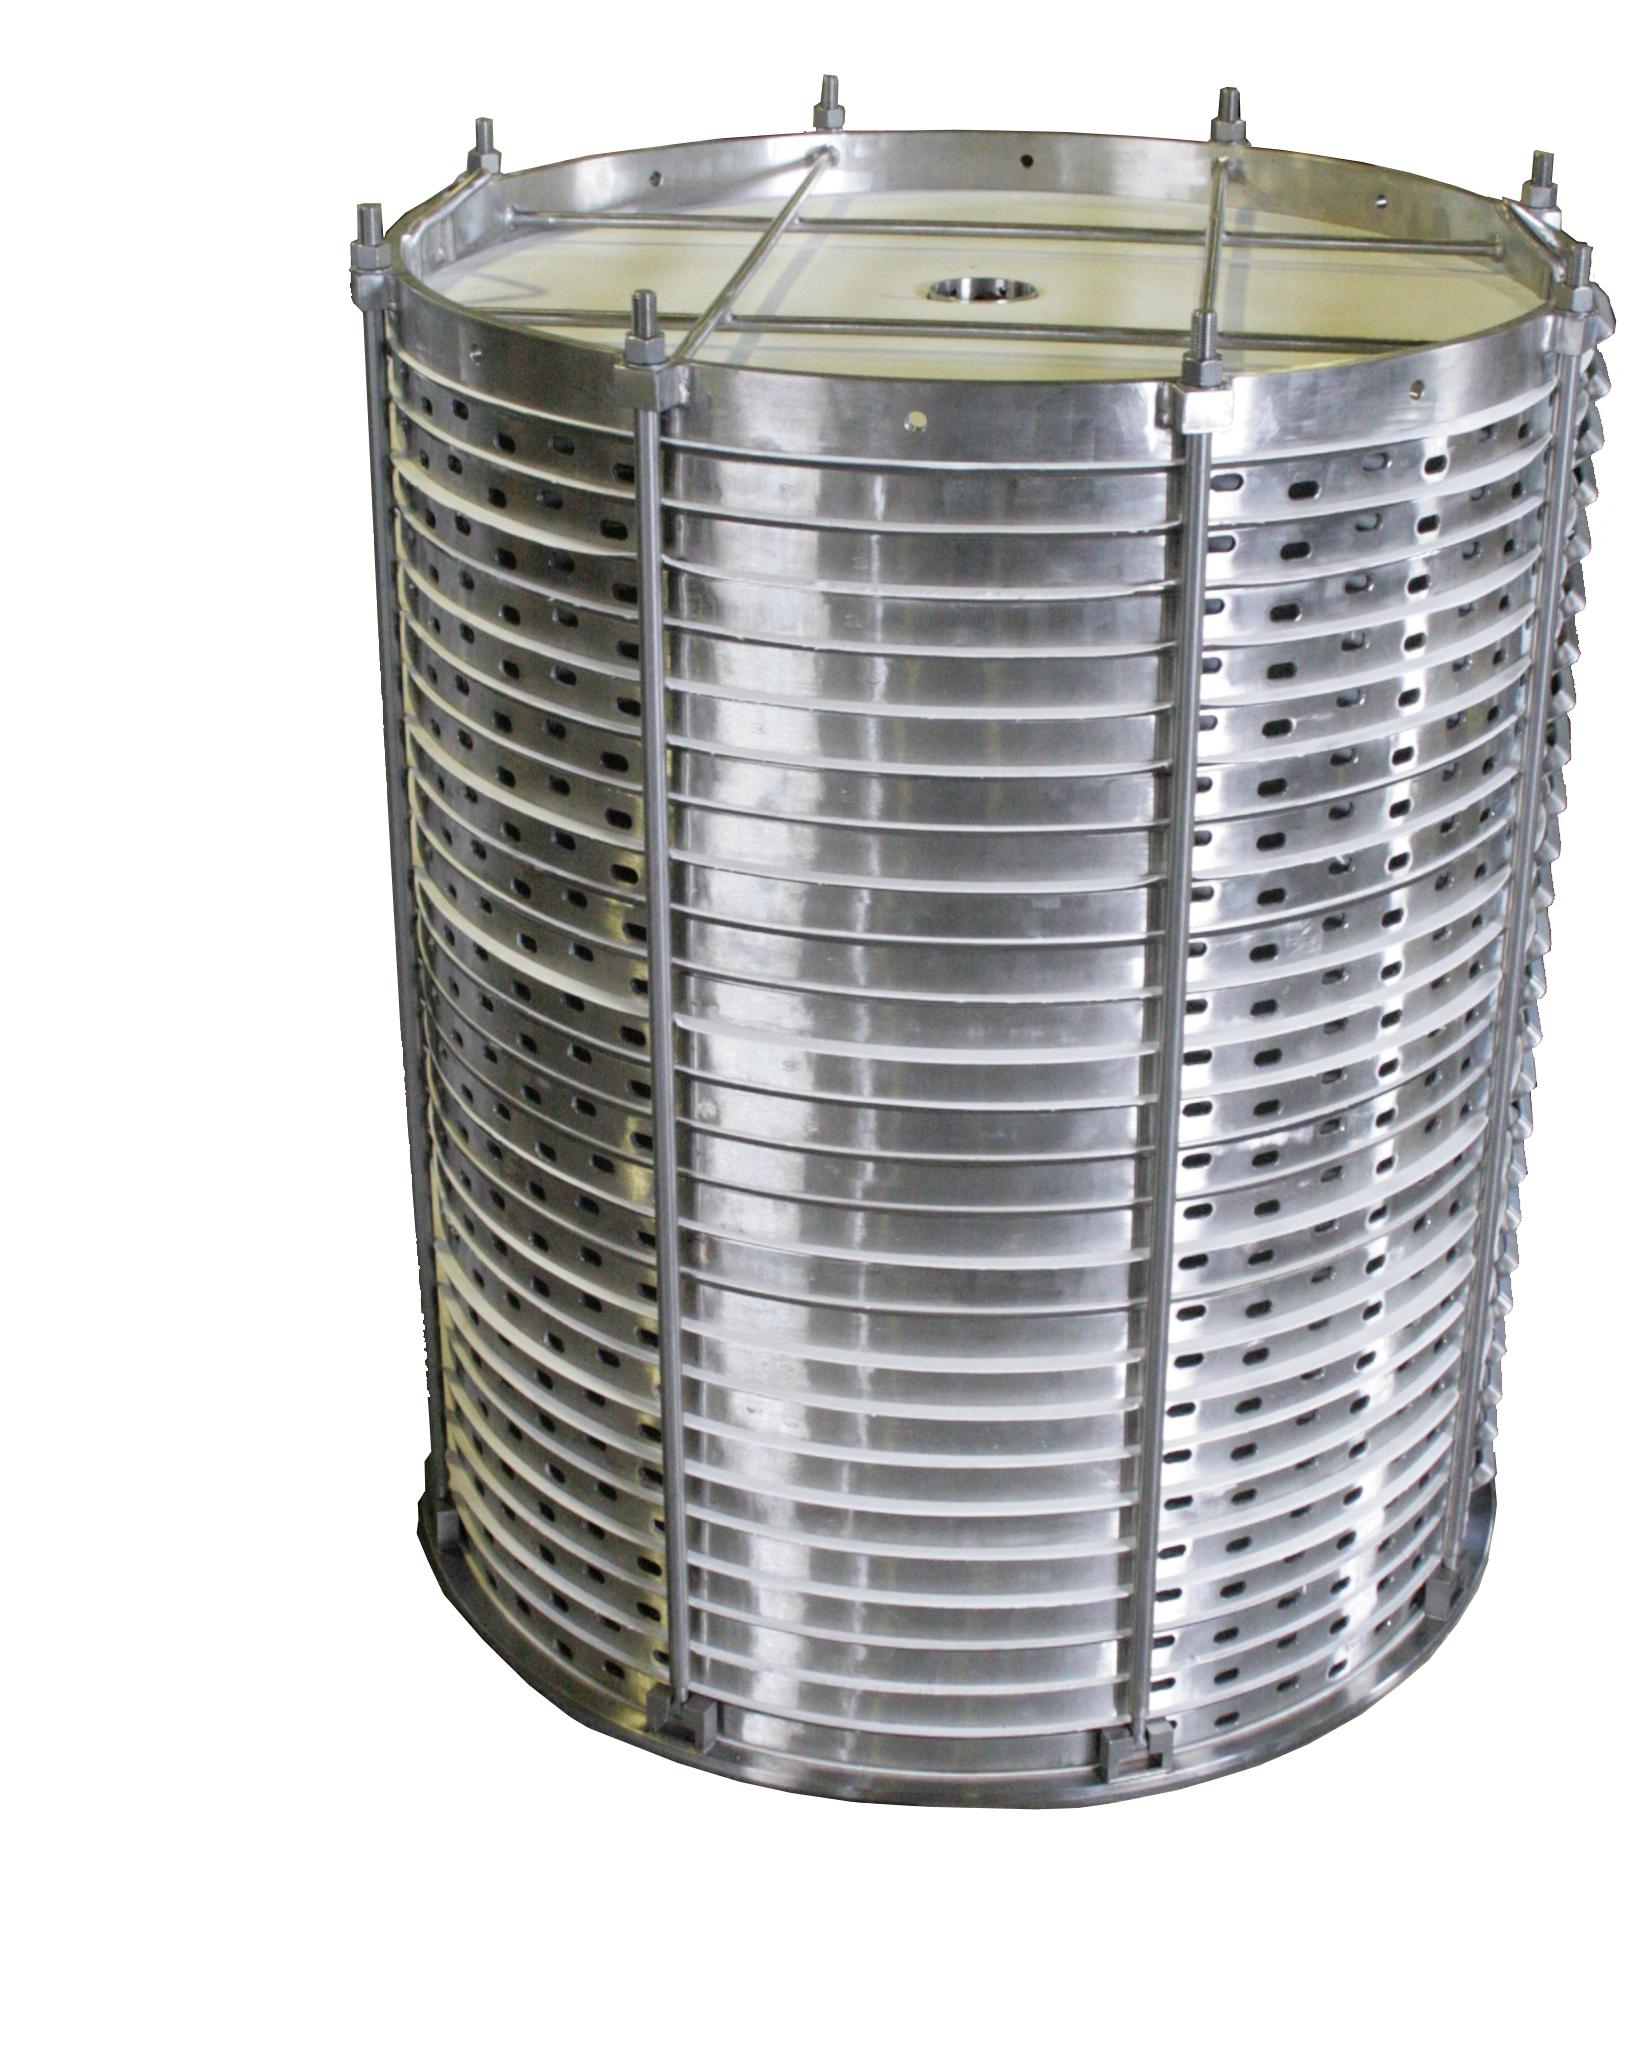 Vízszintes szűrőlap elrendezésű hulladékszűrők